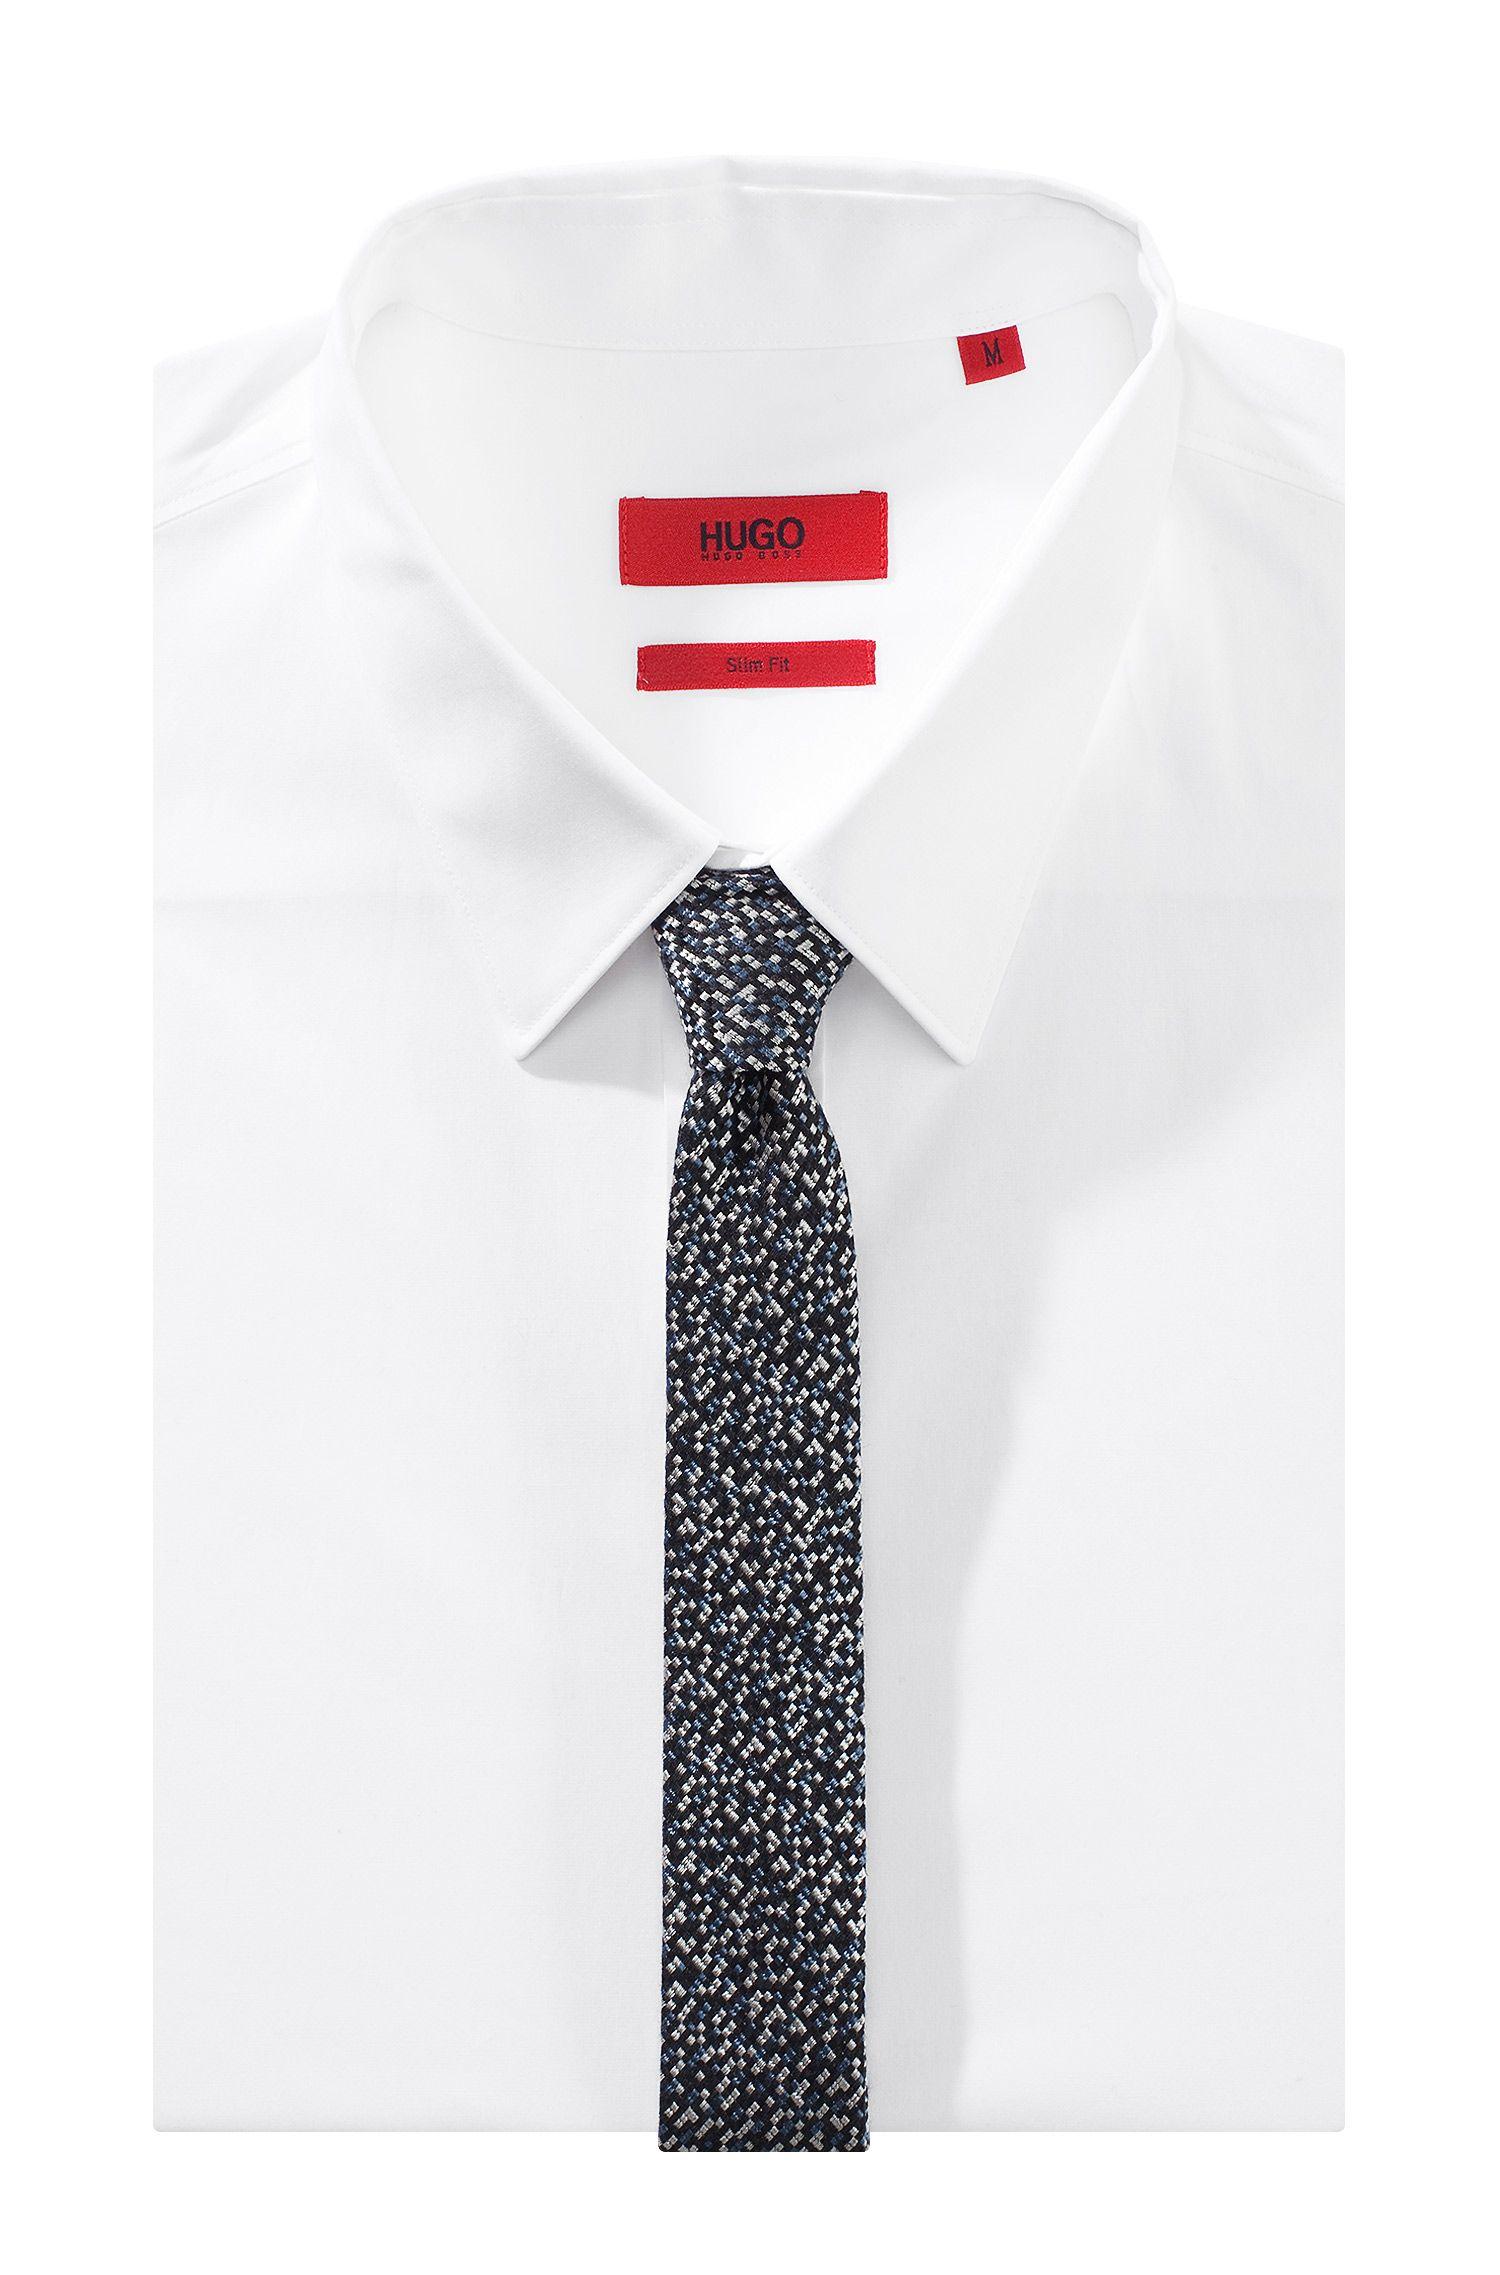 Cravate en coton et soie mélangés, Tie 4,5 cm